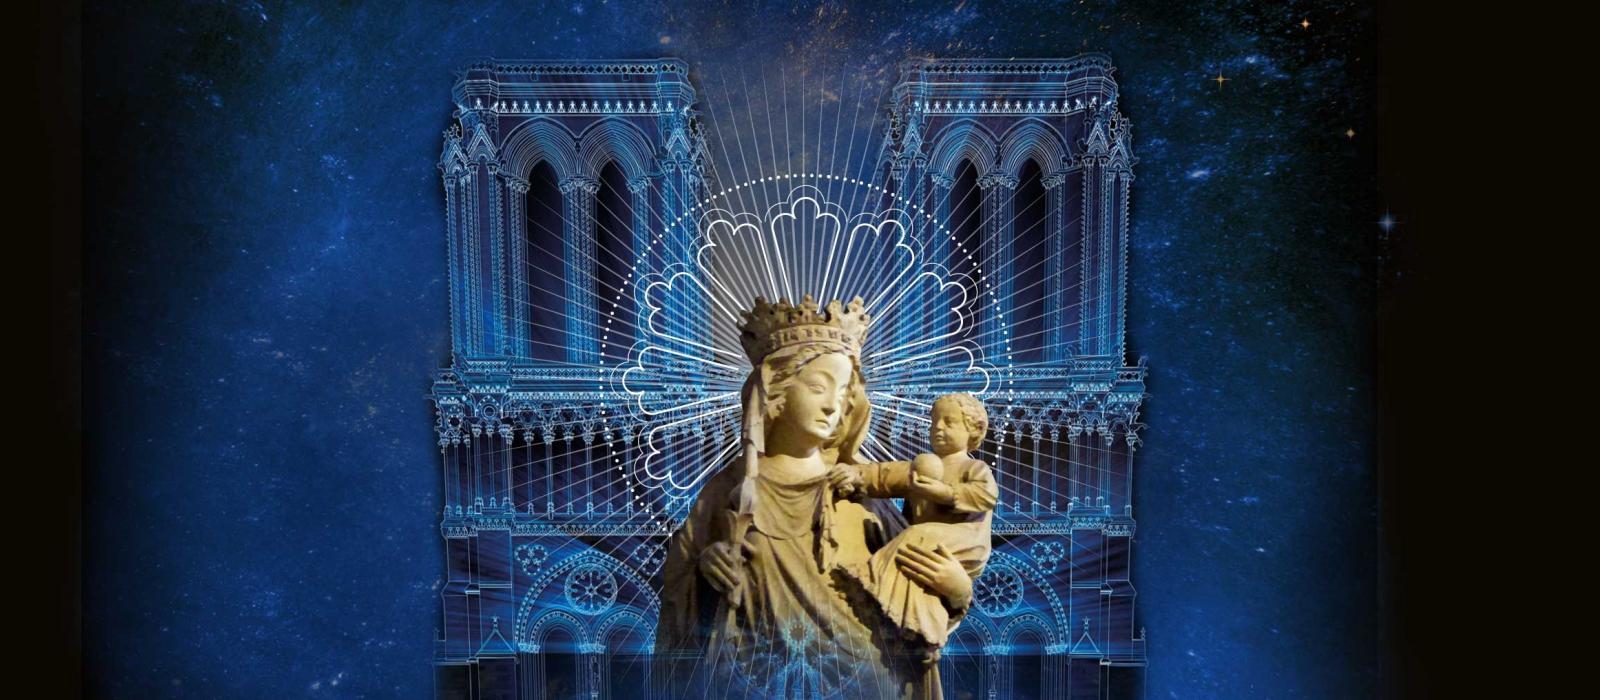 À ne pas manquer : Le spectacle son et lumière à la Cathédrale Notre-Dame de Paris